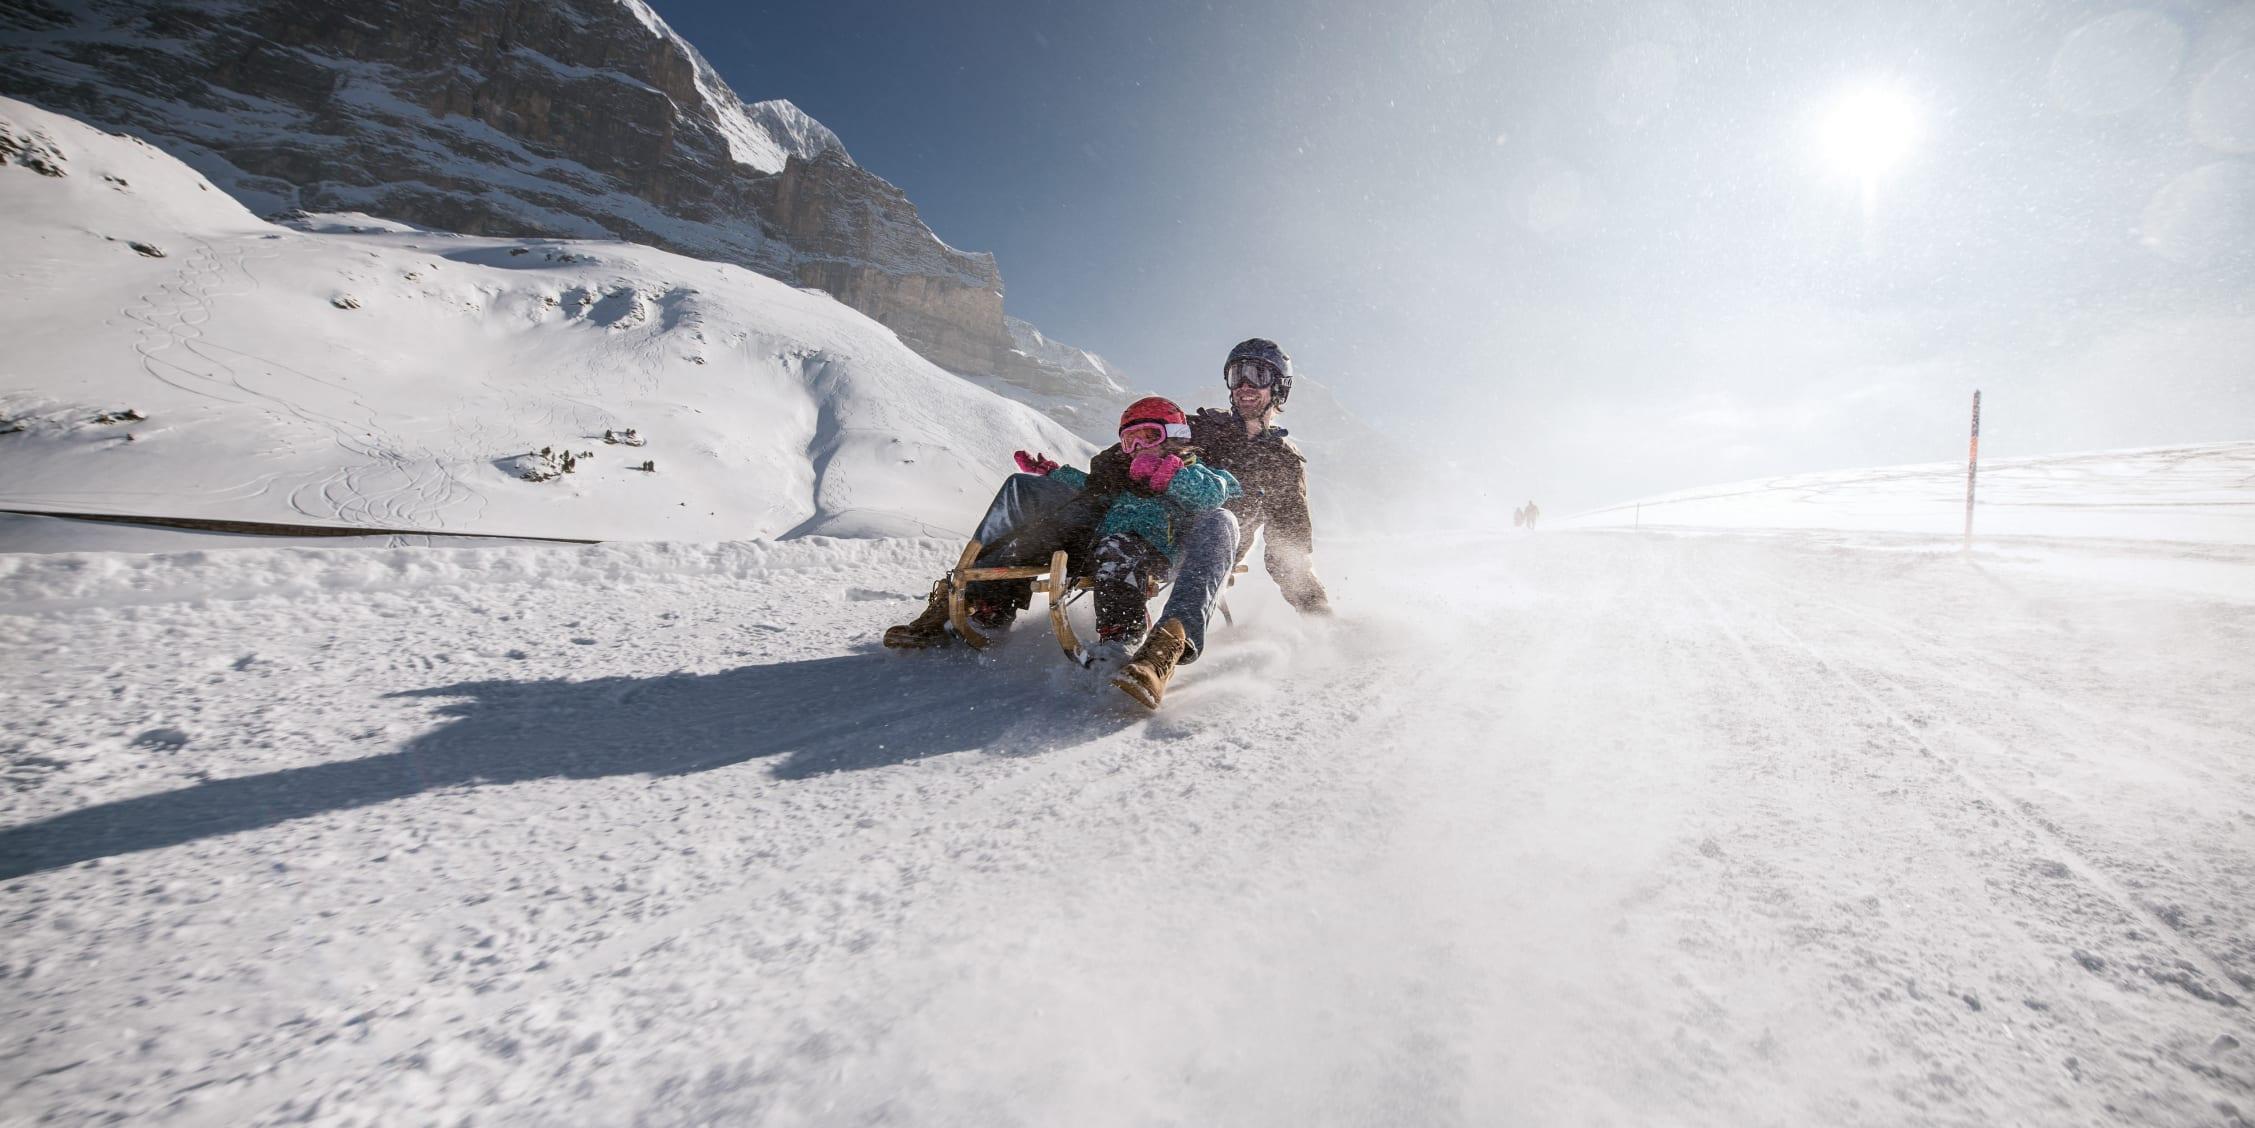 Jungfrau grindelwald eiger run schlitteln